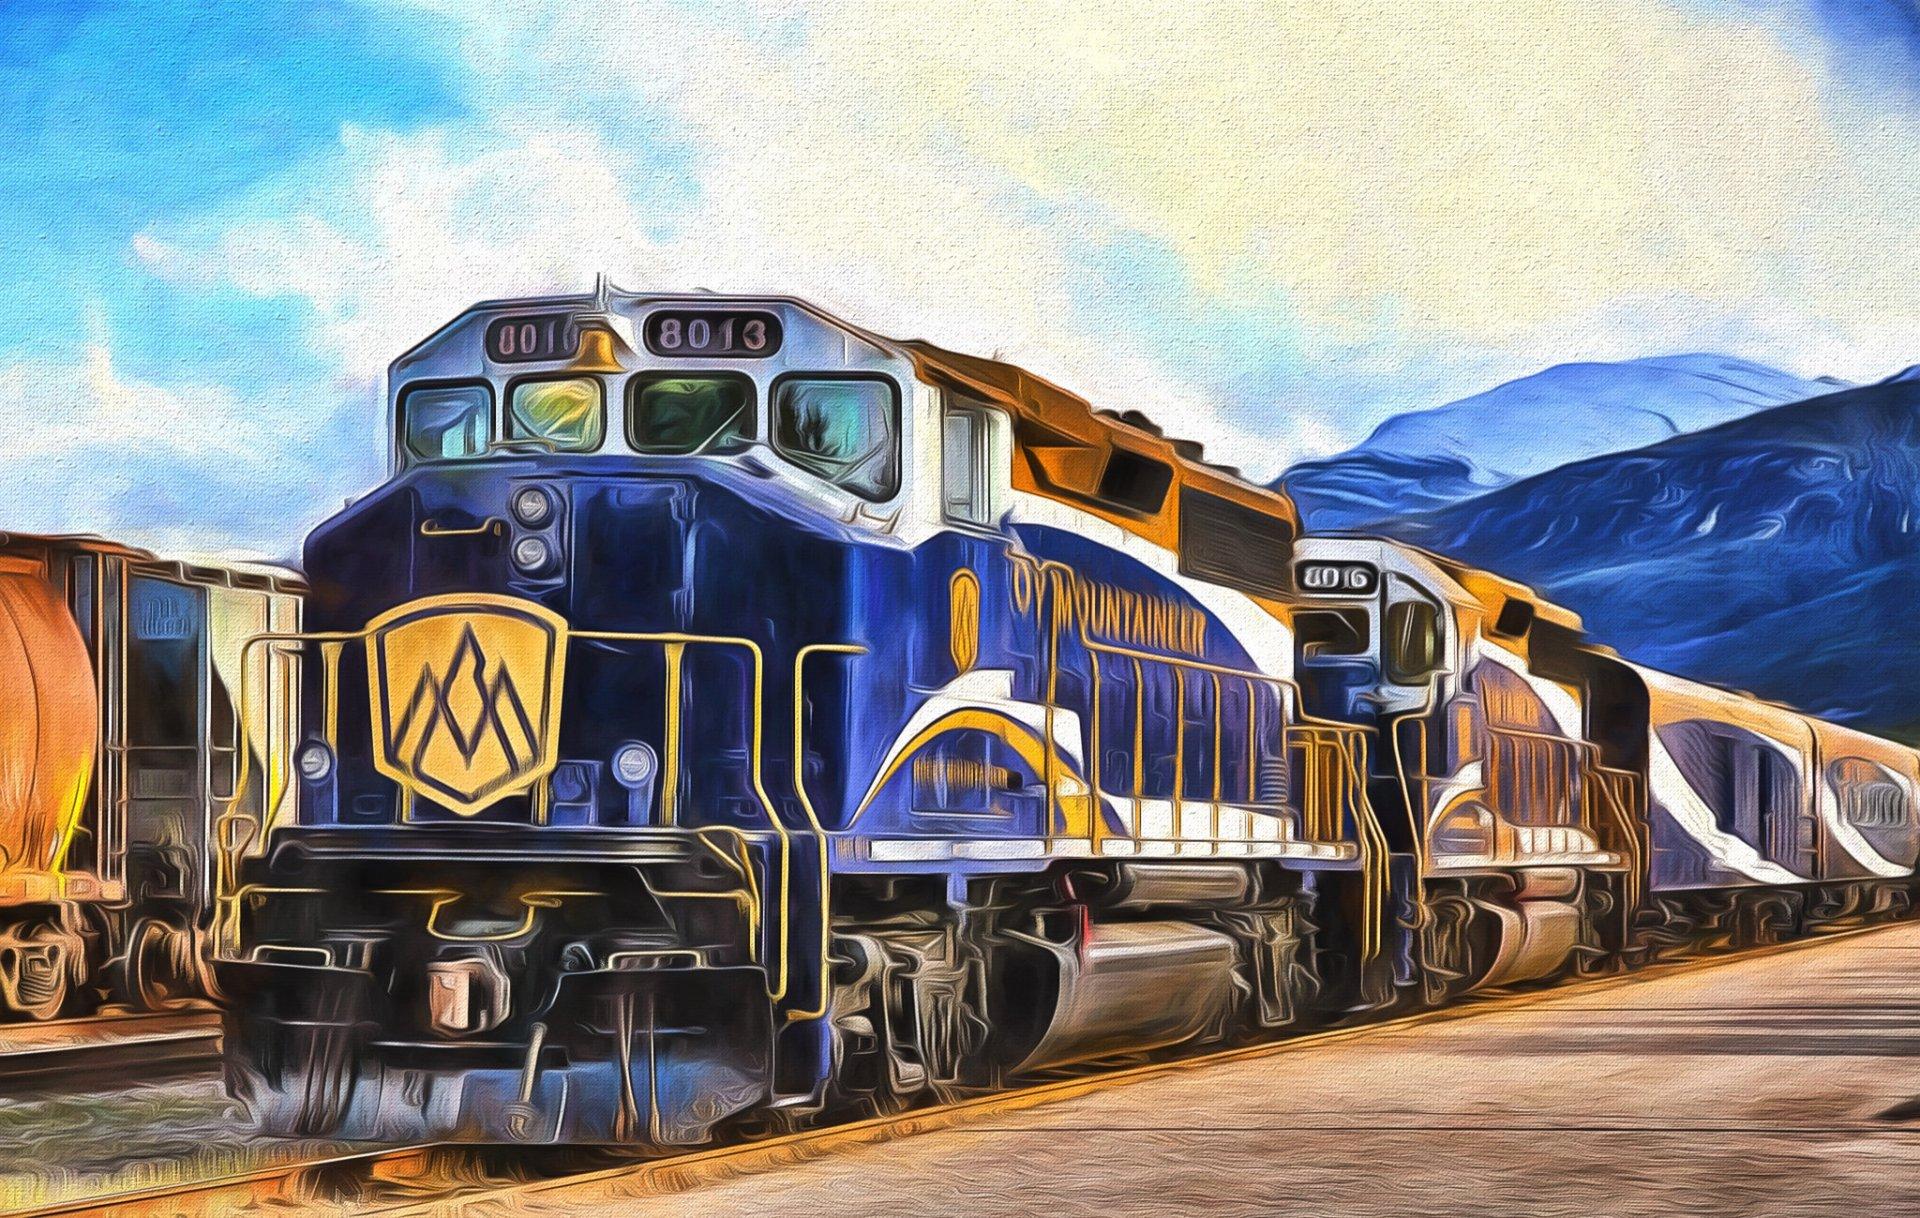 красавицу смело красивые картинки на железнодорожную тему пункт